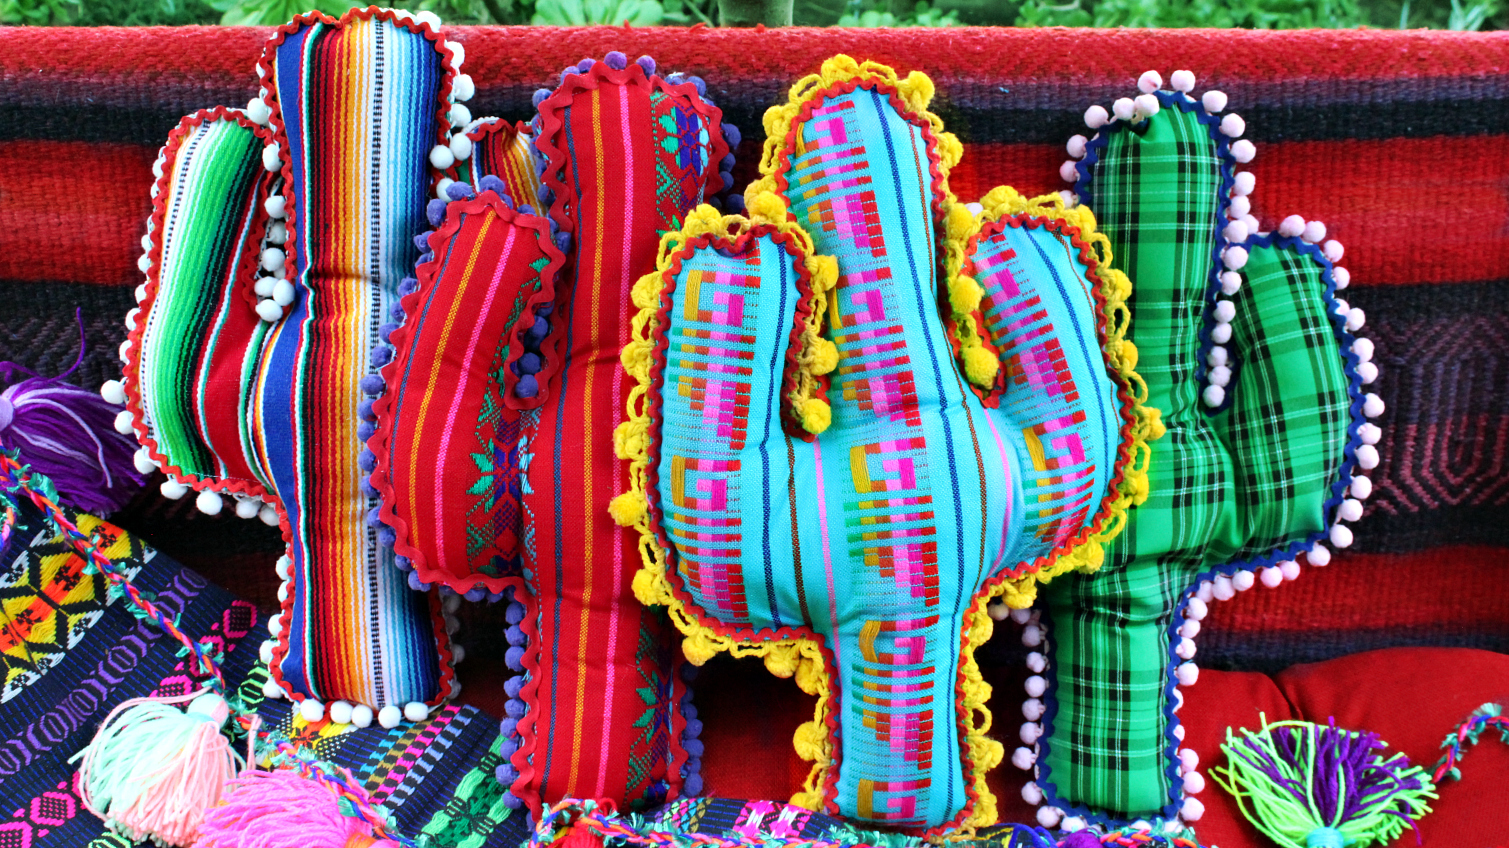 Mark Montano: No Sew Cactus Pillows